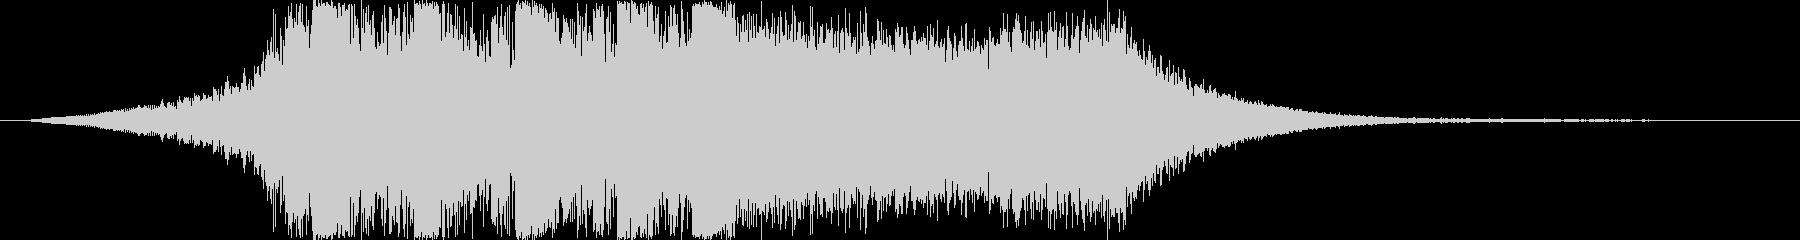 シンセオープニングインパクト_ショート2の未再生の波形